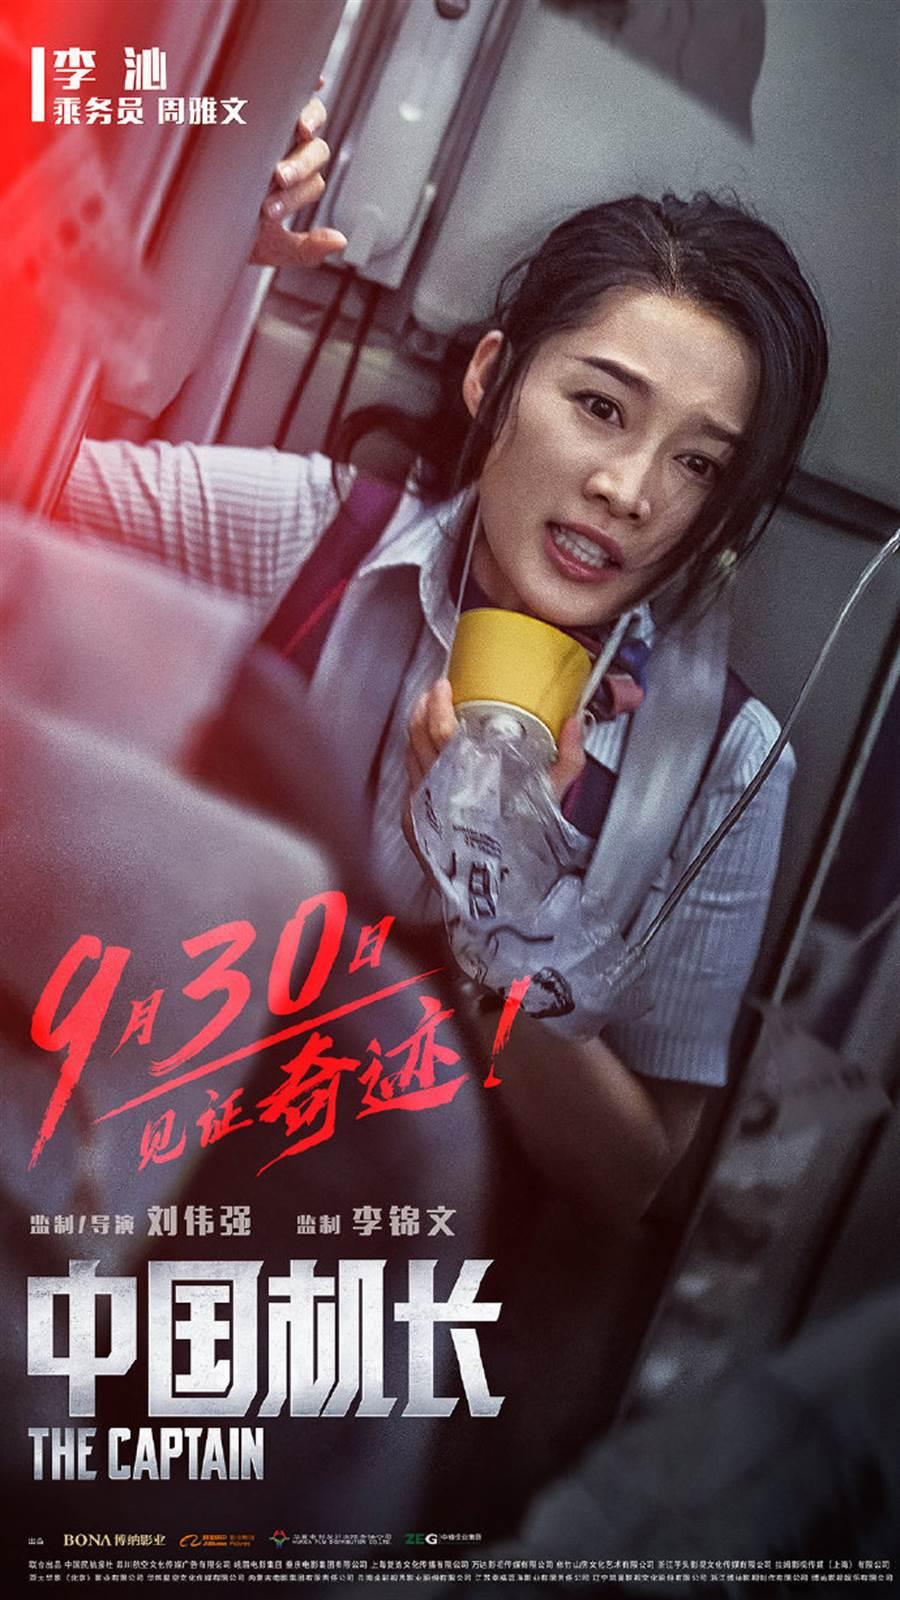 李沁演出電影《中國機長》。(圖/取材自電影中國機長微博)